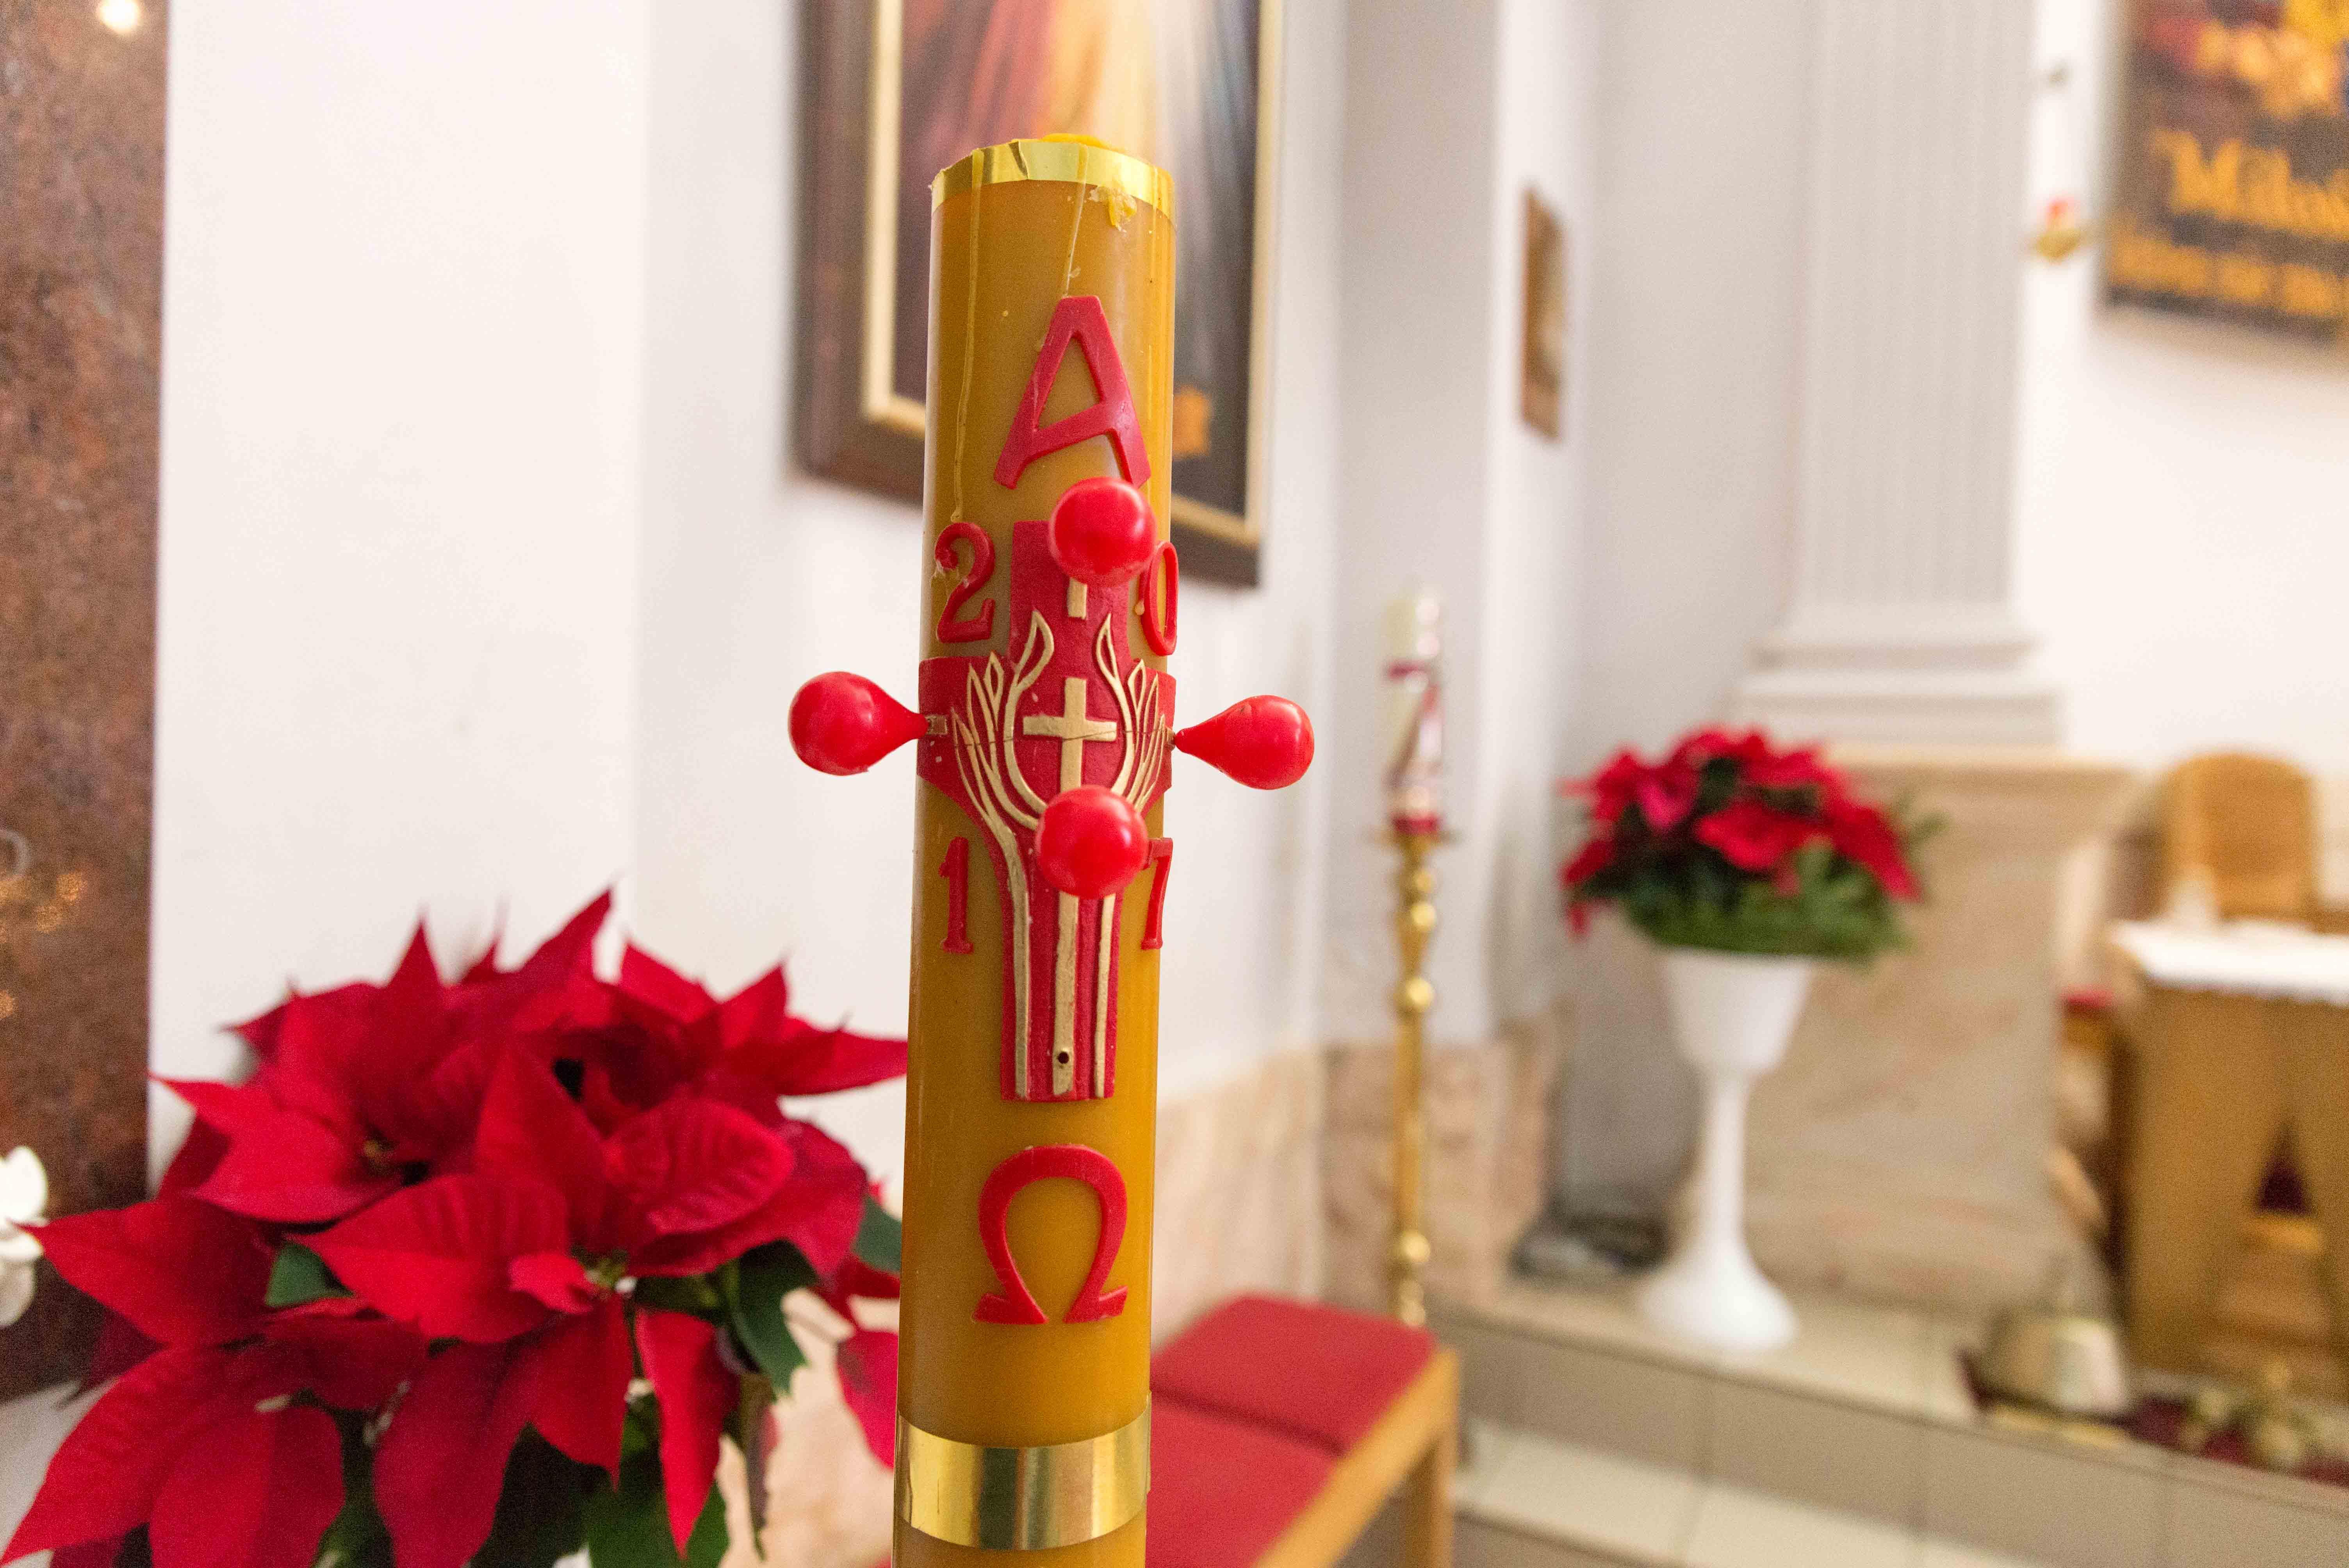 Kosciol Najswietszej Maryi Panny Czestochowskiej we Wroclawiu male (11)